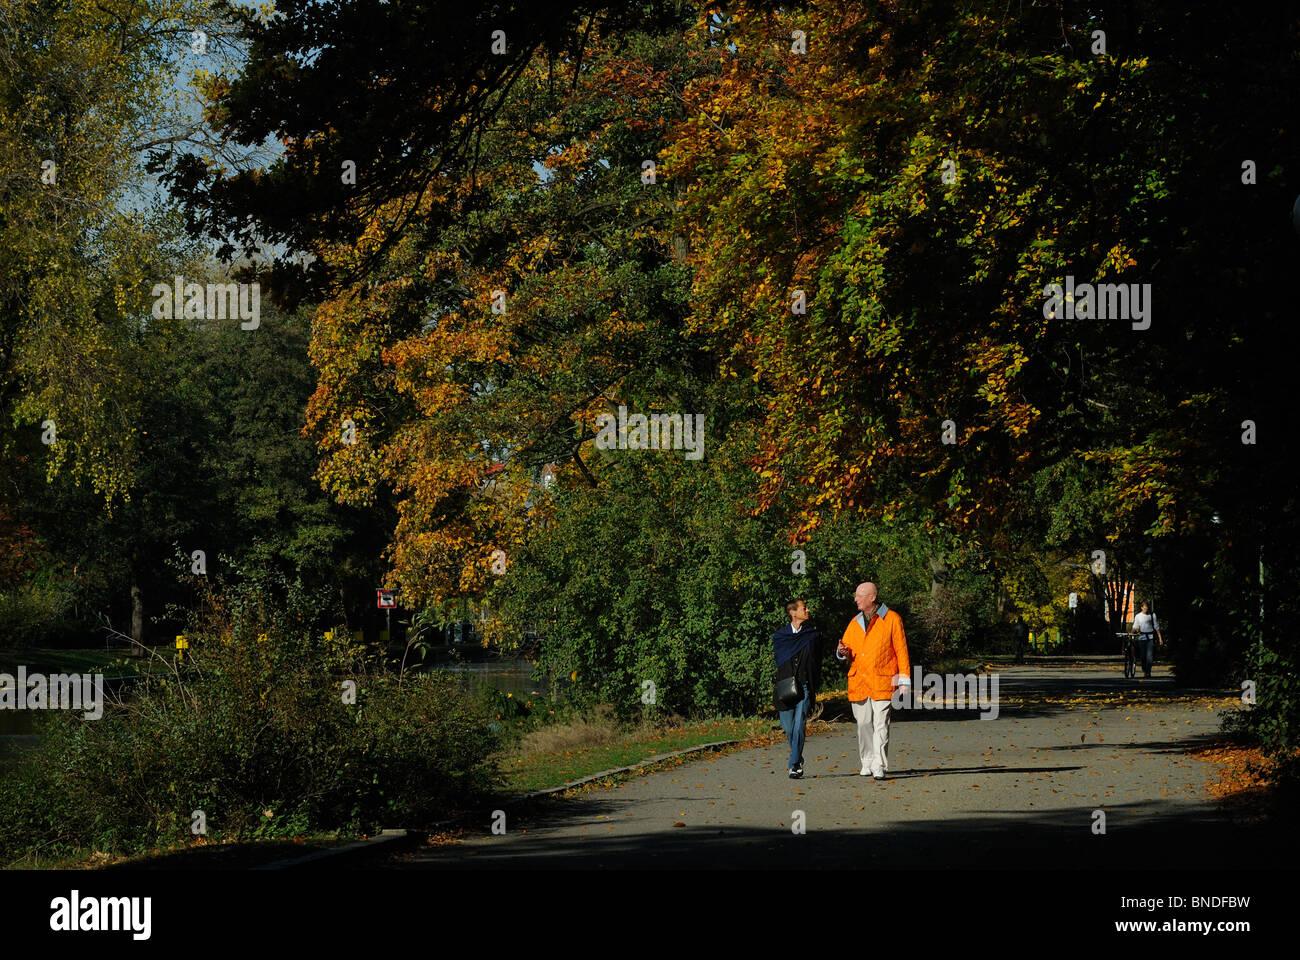 Grosser Tiergarten park at Landwehrkanal in fall, Tiergarten district, Berlin, Germany, Europe - Stock Image